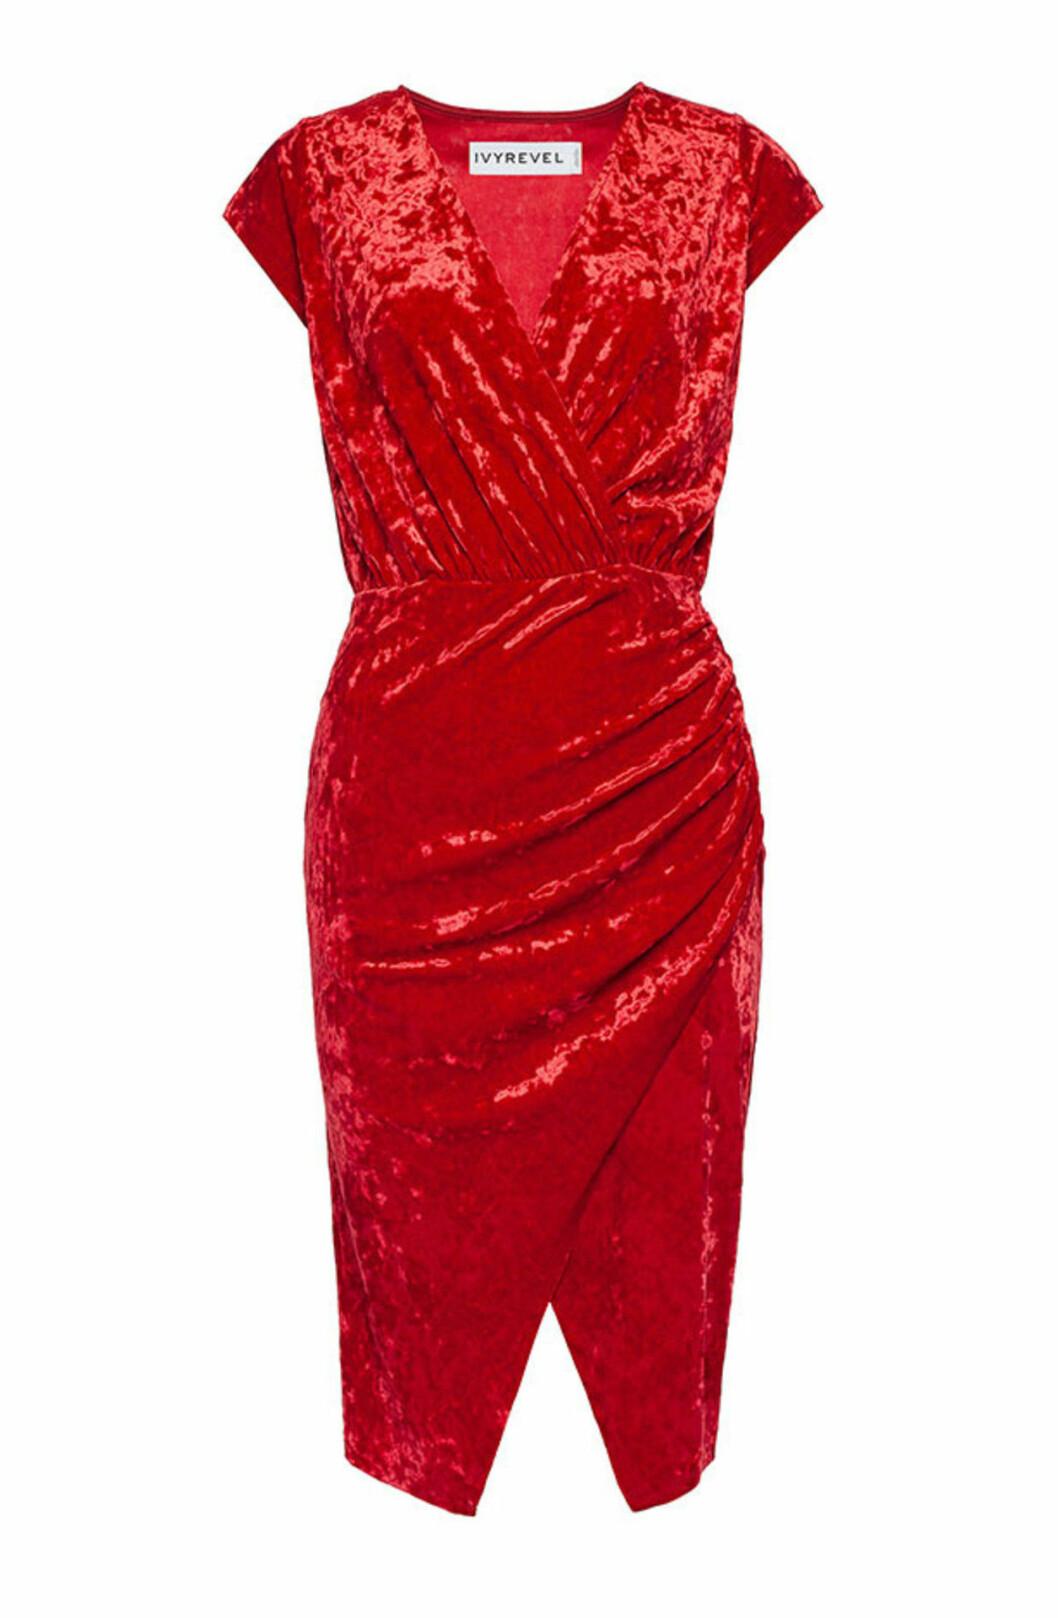 Röd sammetsklänning till julafton